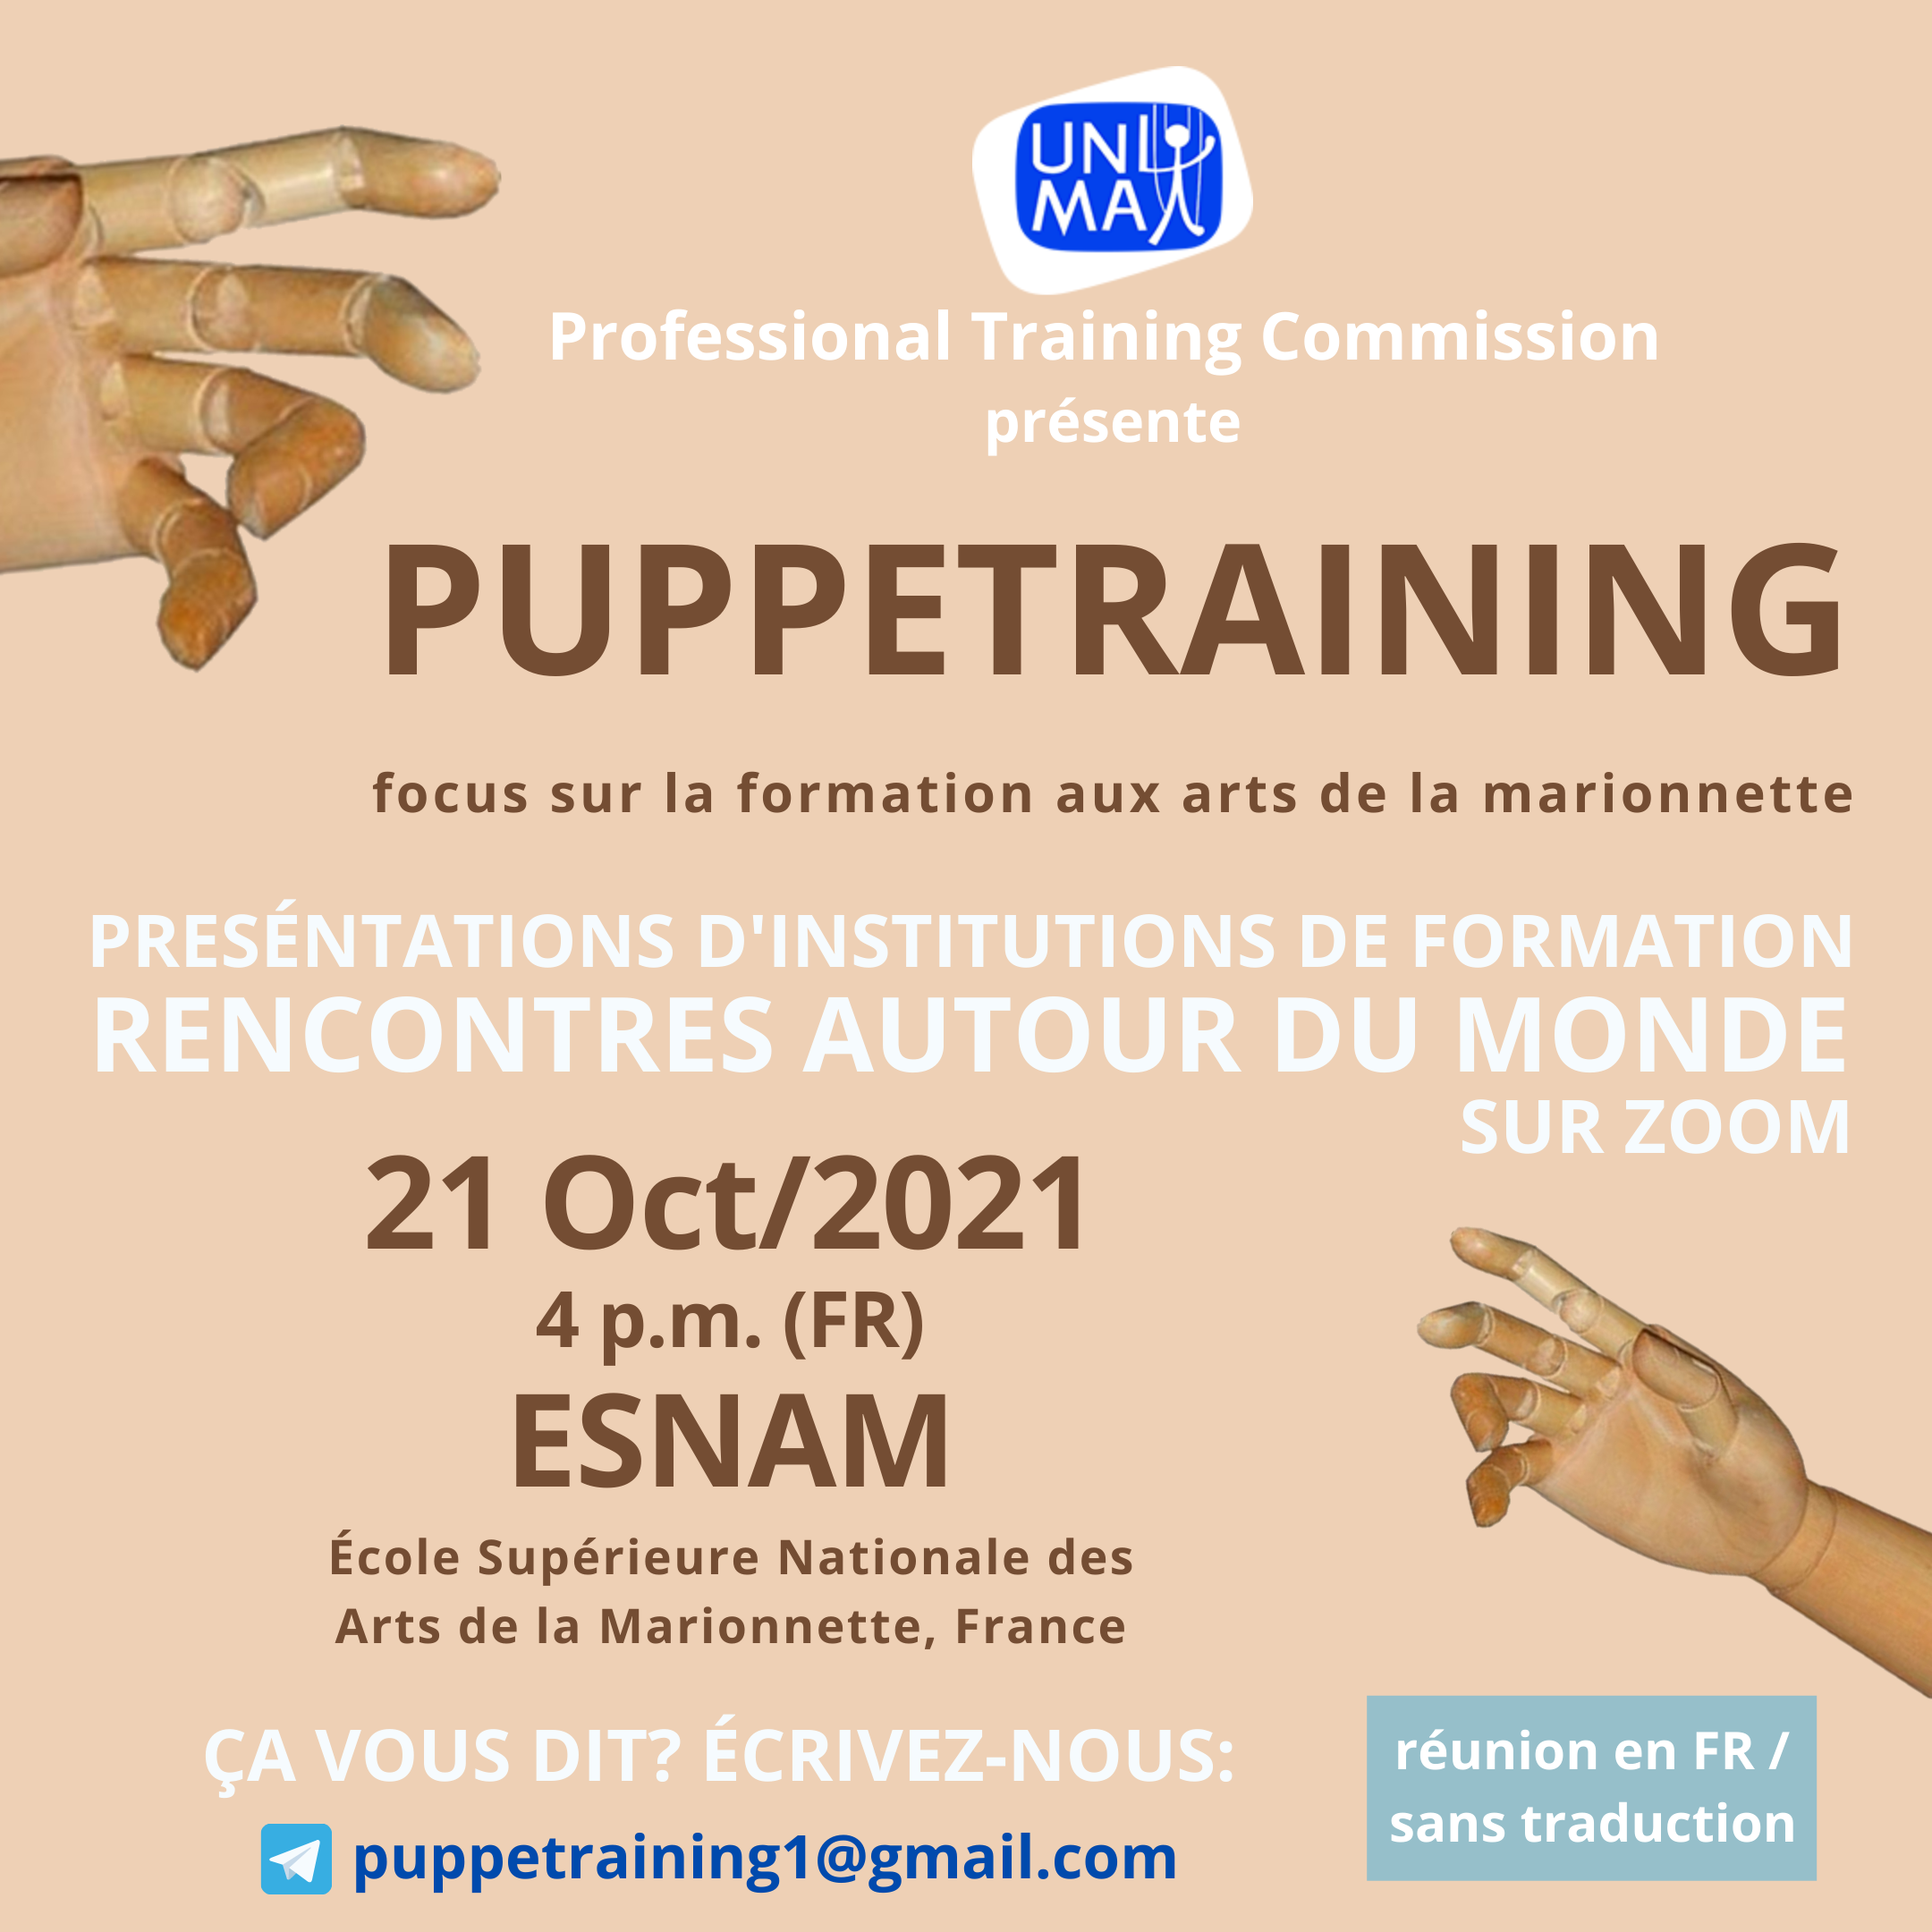 Puppetraining - Focus sur la formation aux arts de la marionnette